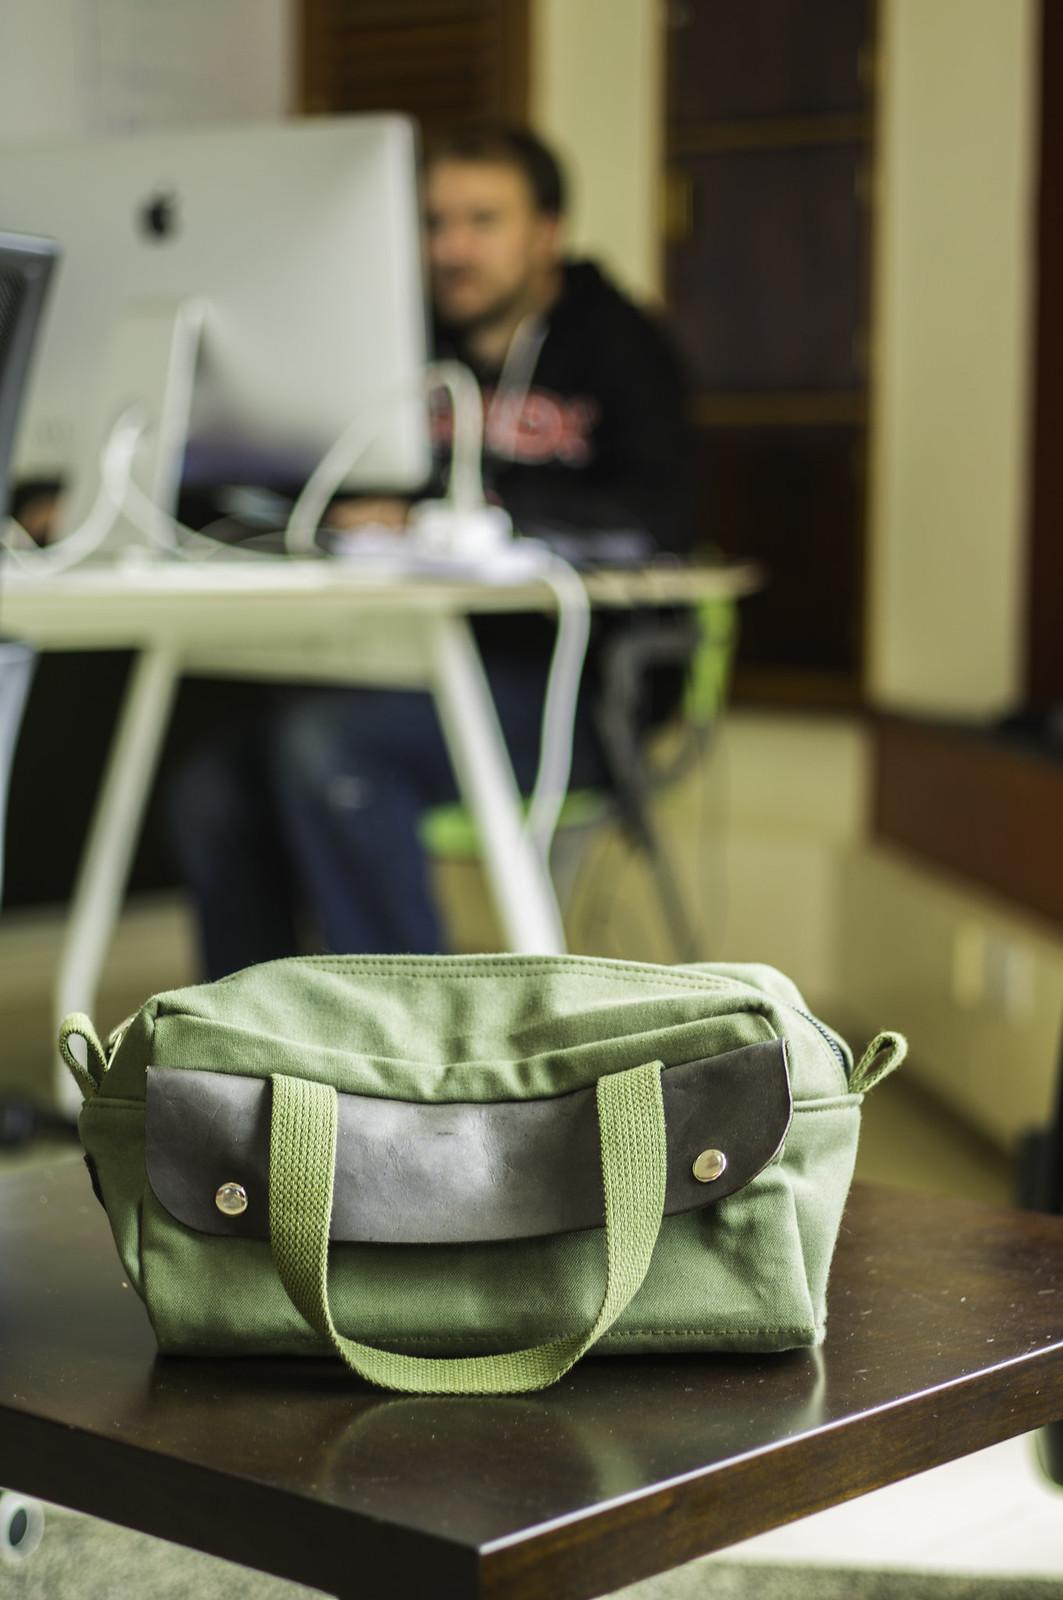 tool bag photo 2